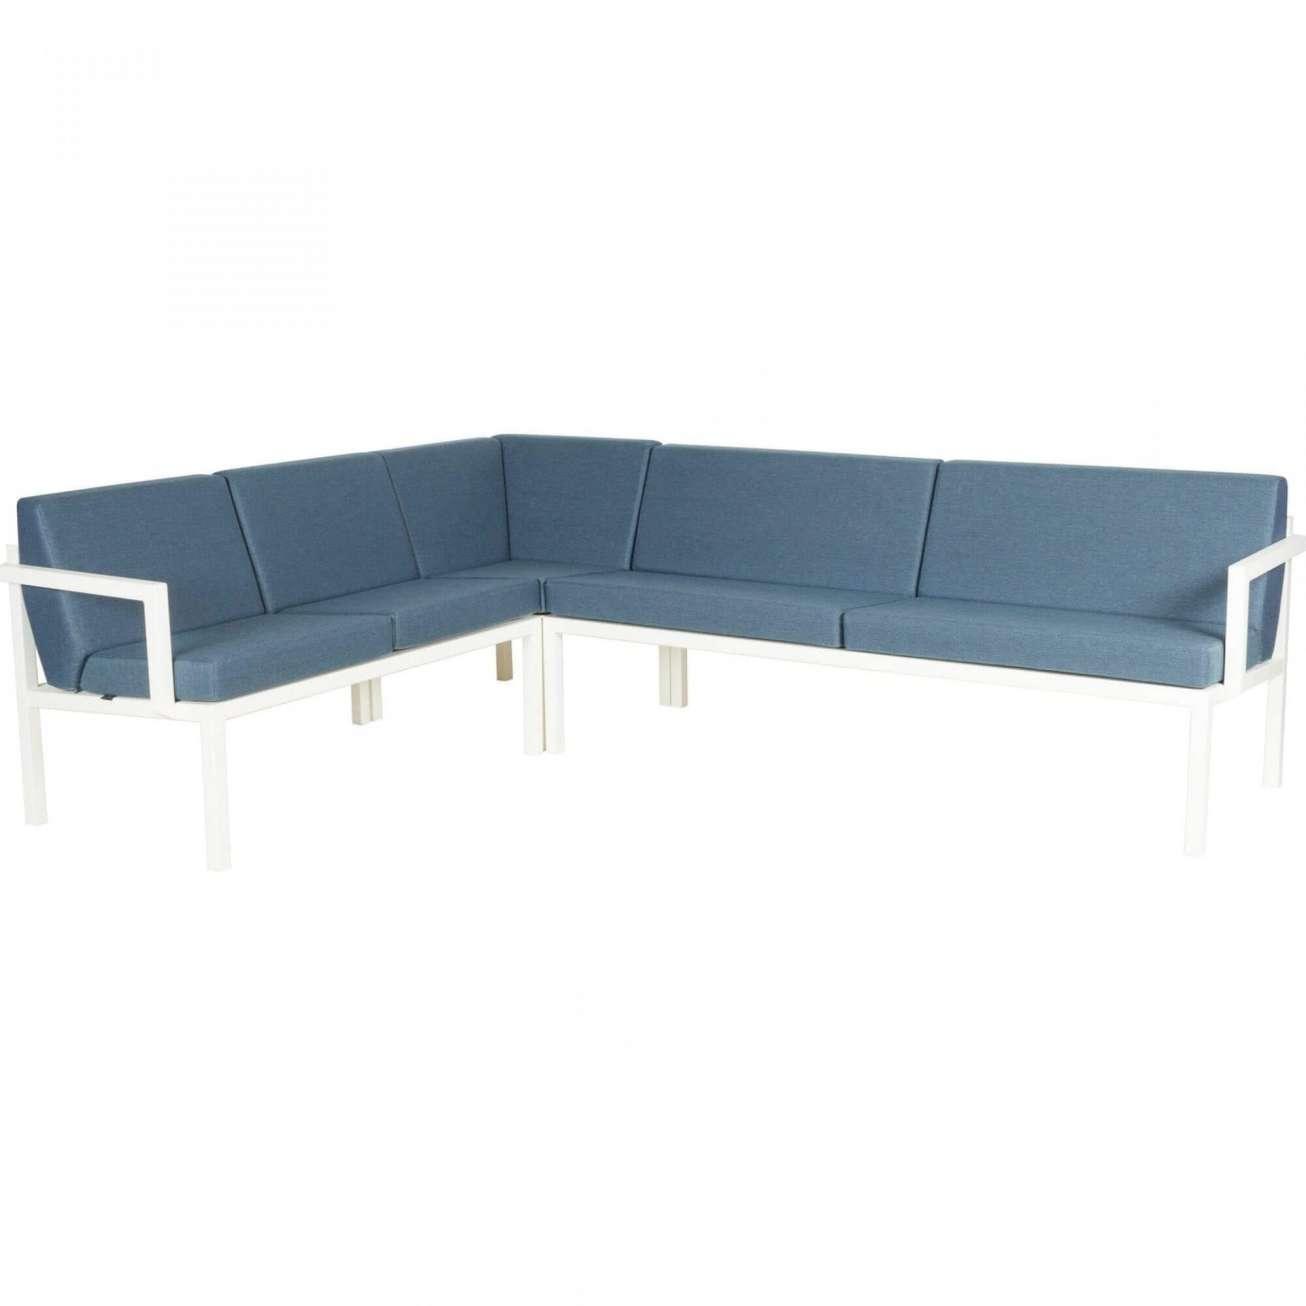 Sundays Frame Multi sofa hjørnegruppe i hvit aluminium med blå puter